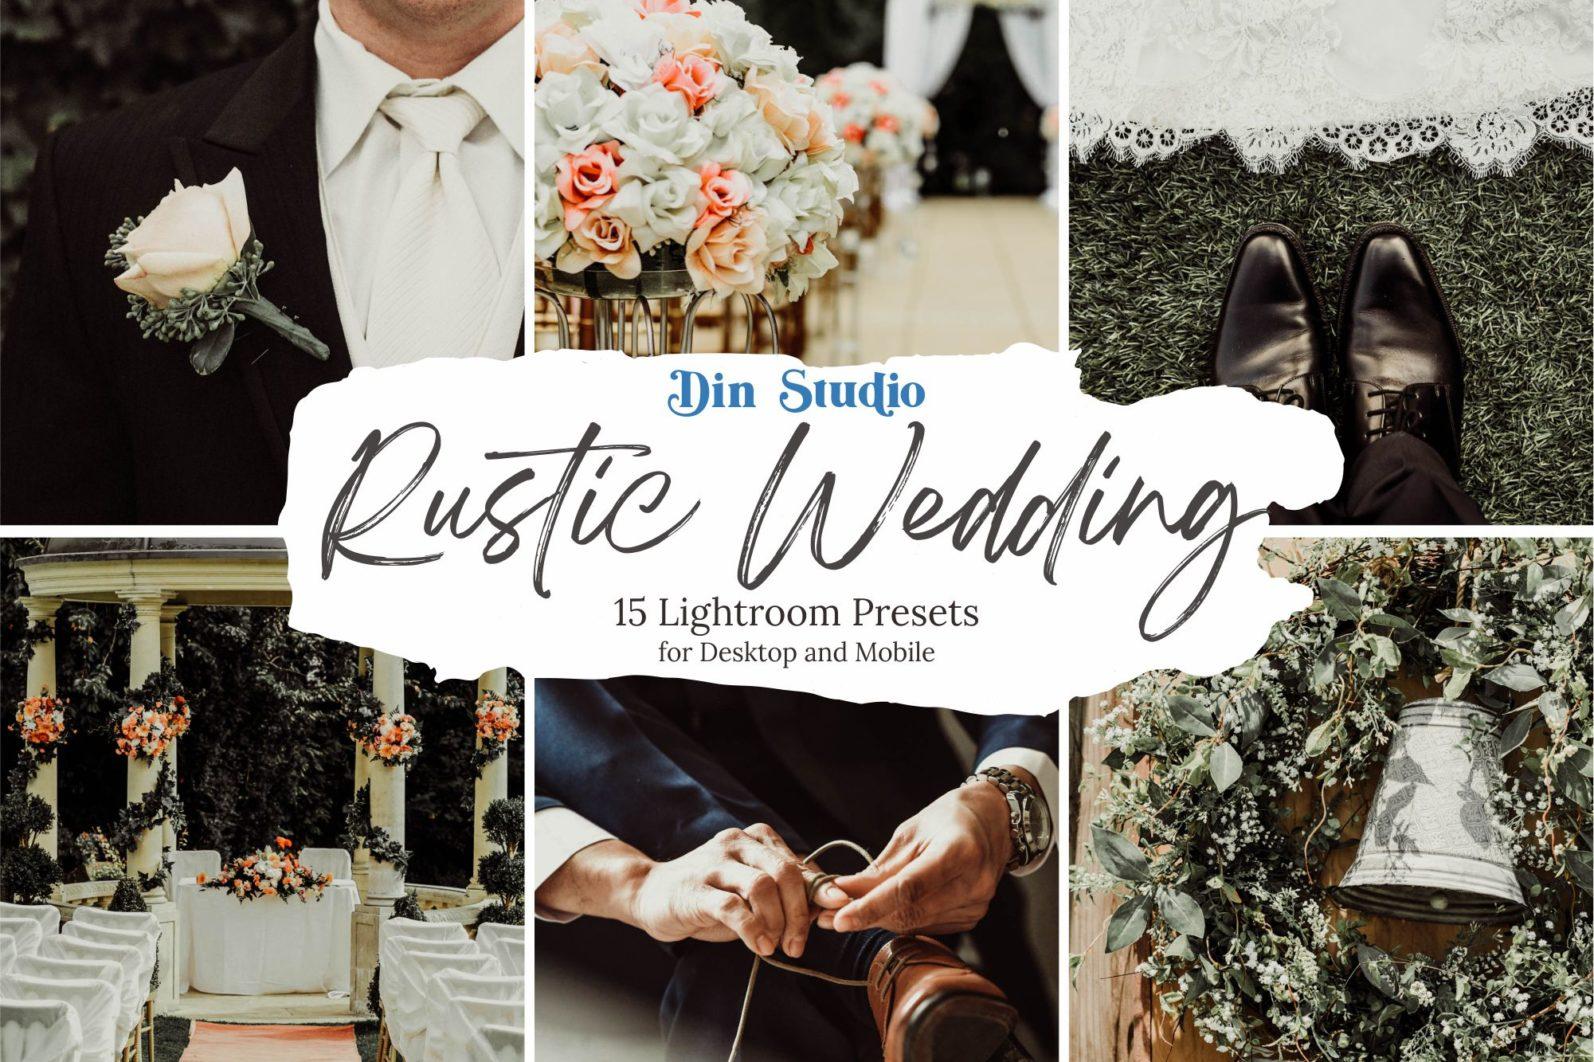 Rustic Wedding Lightroom Presets - Rustic Wedding Copy -